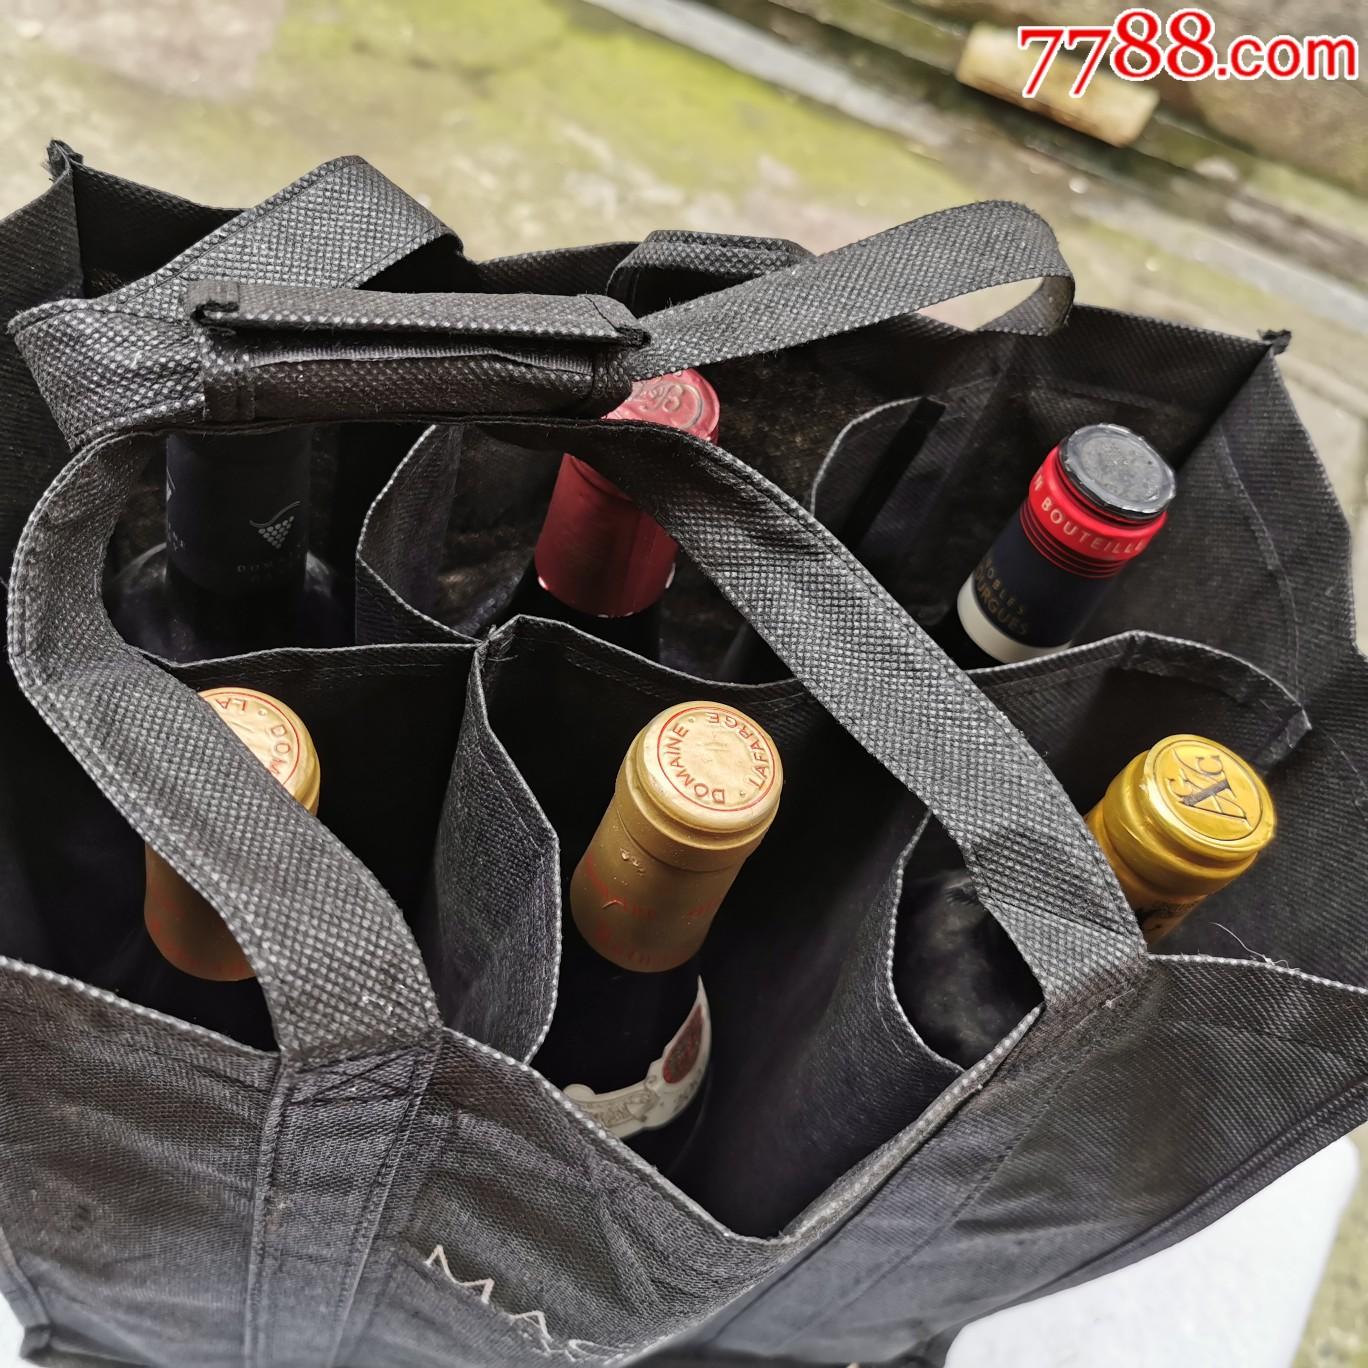 六瓶法国干红葡酒(一家人家中收)(au20915797)_